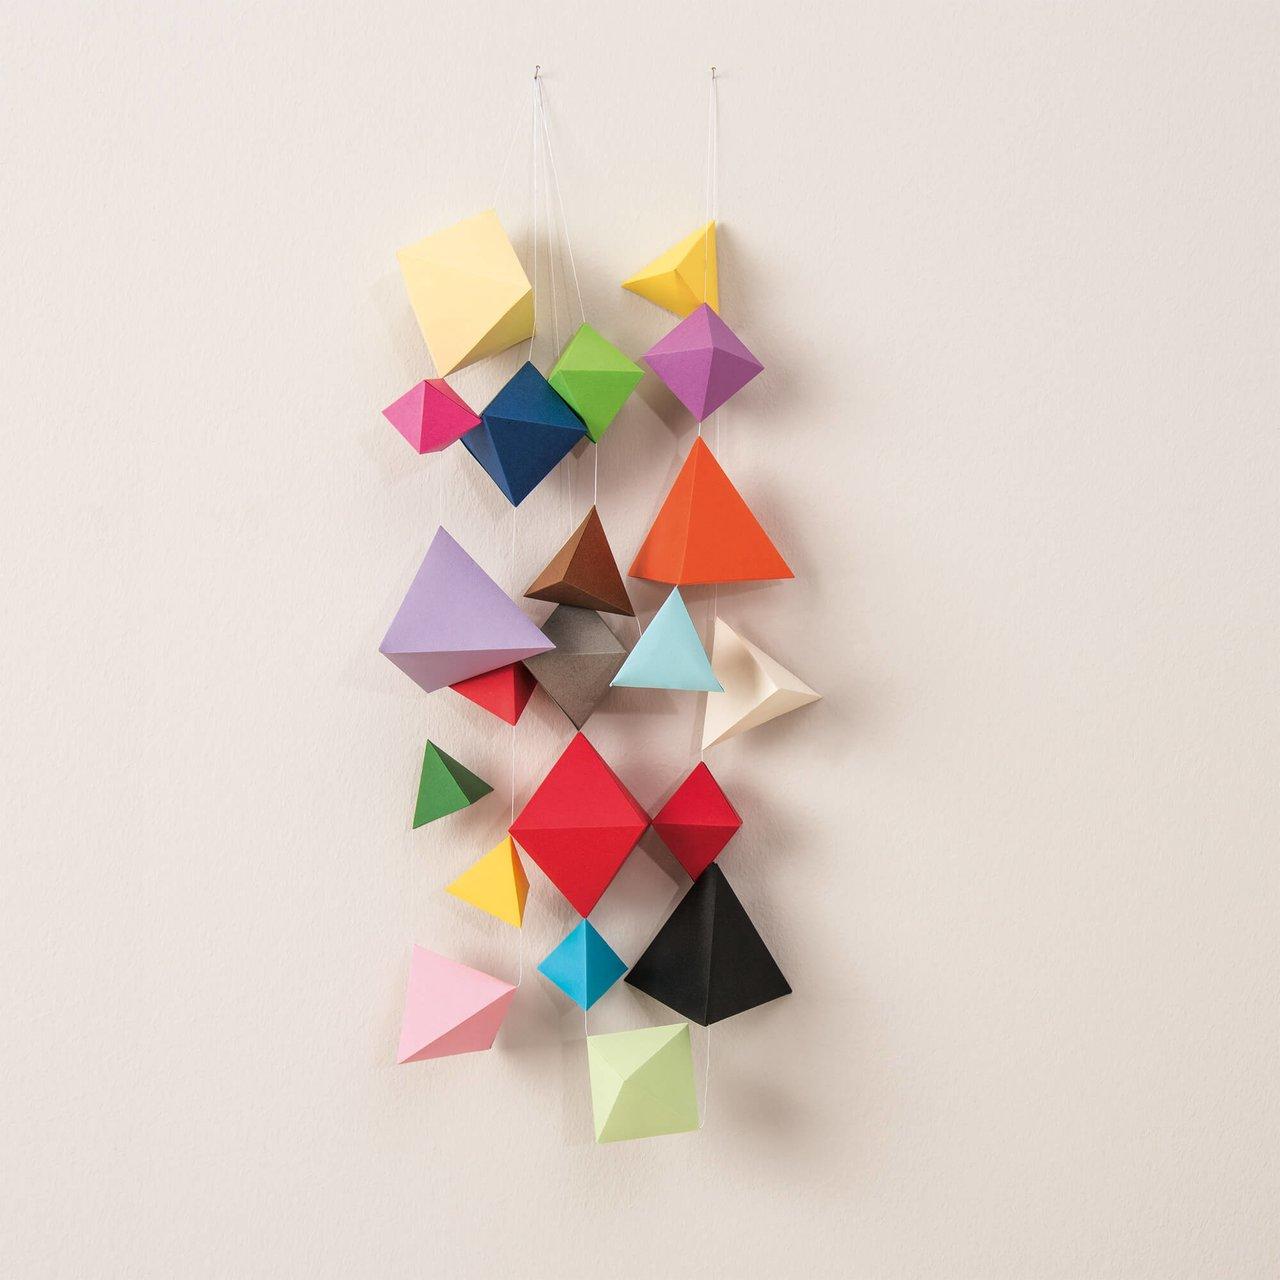 Anleitung Geometrische Origami Girlanden basteln